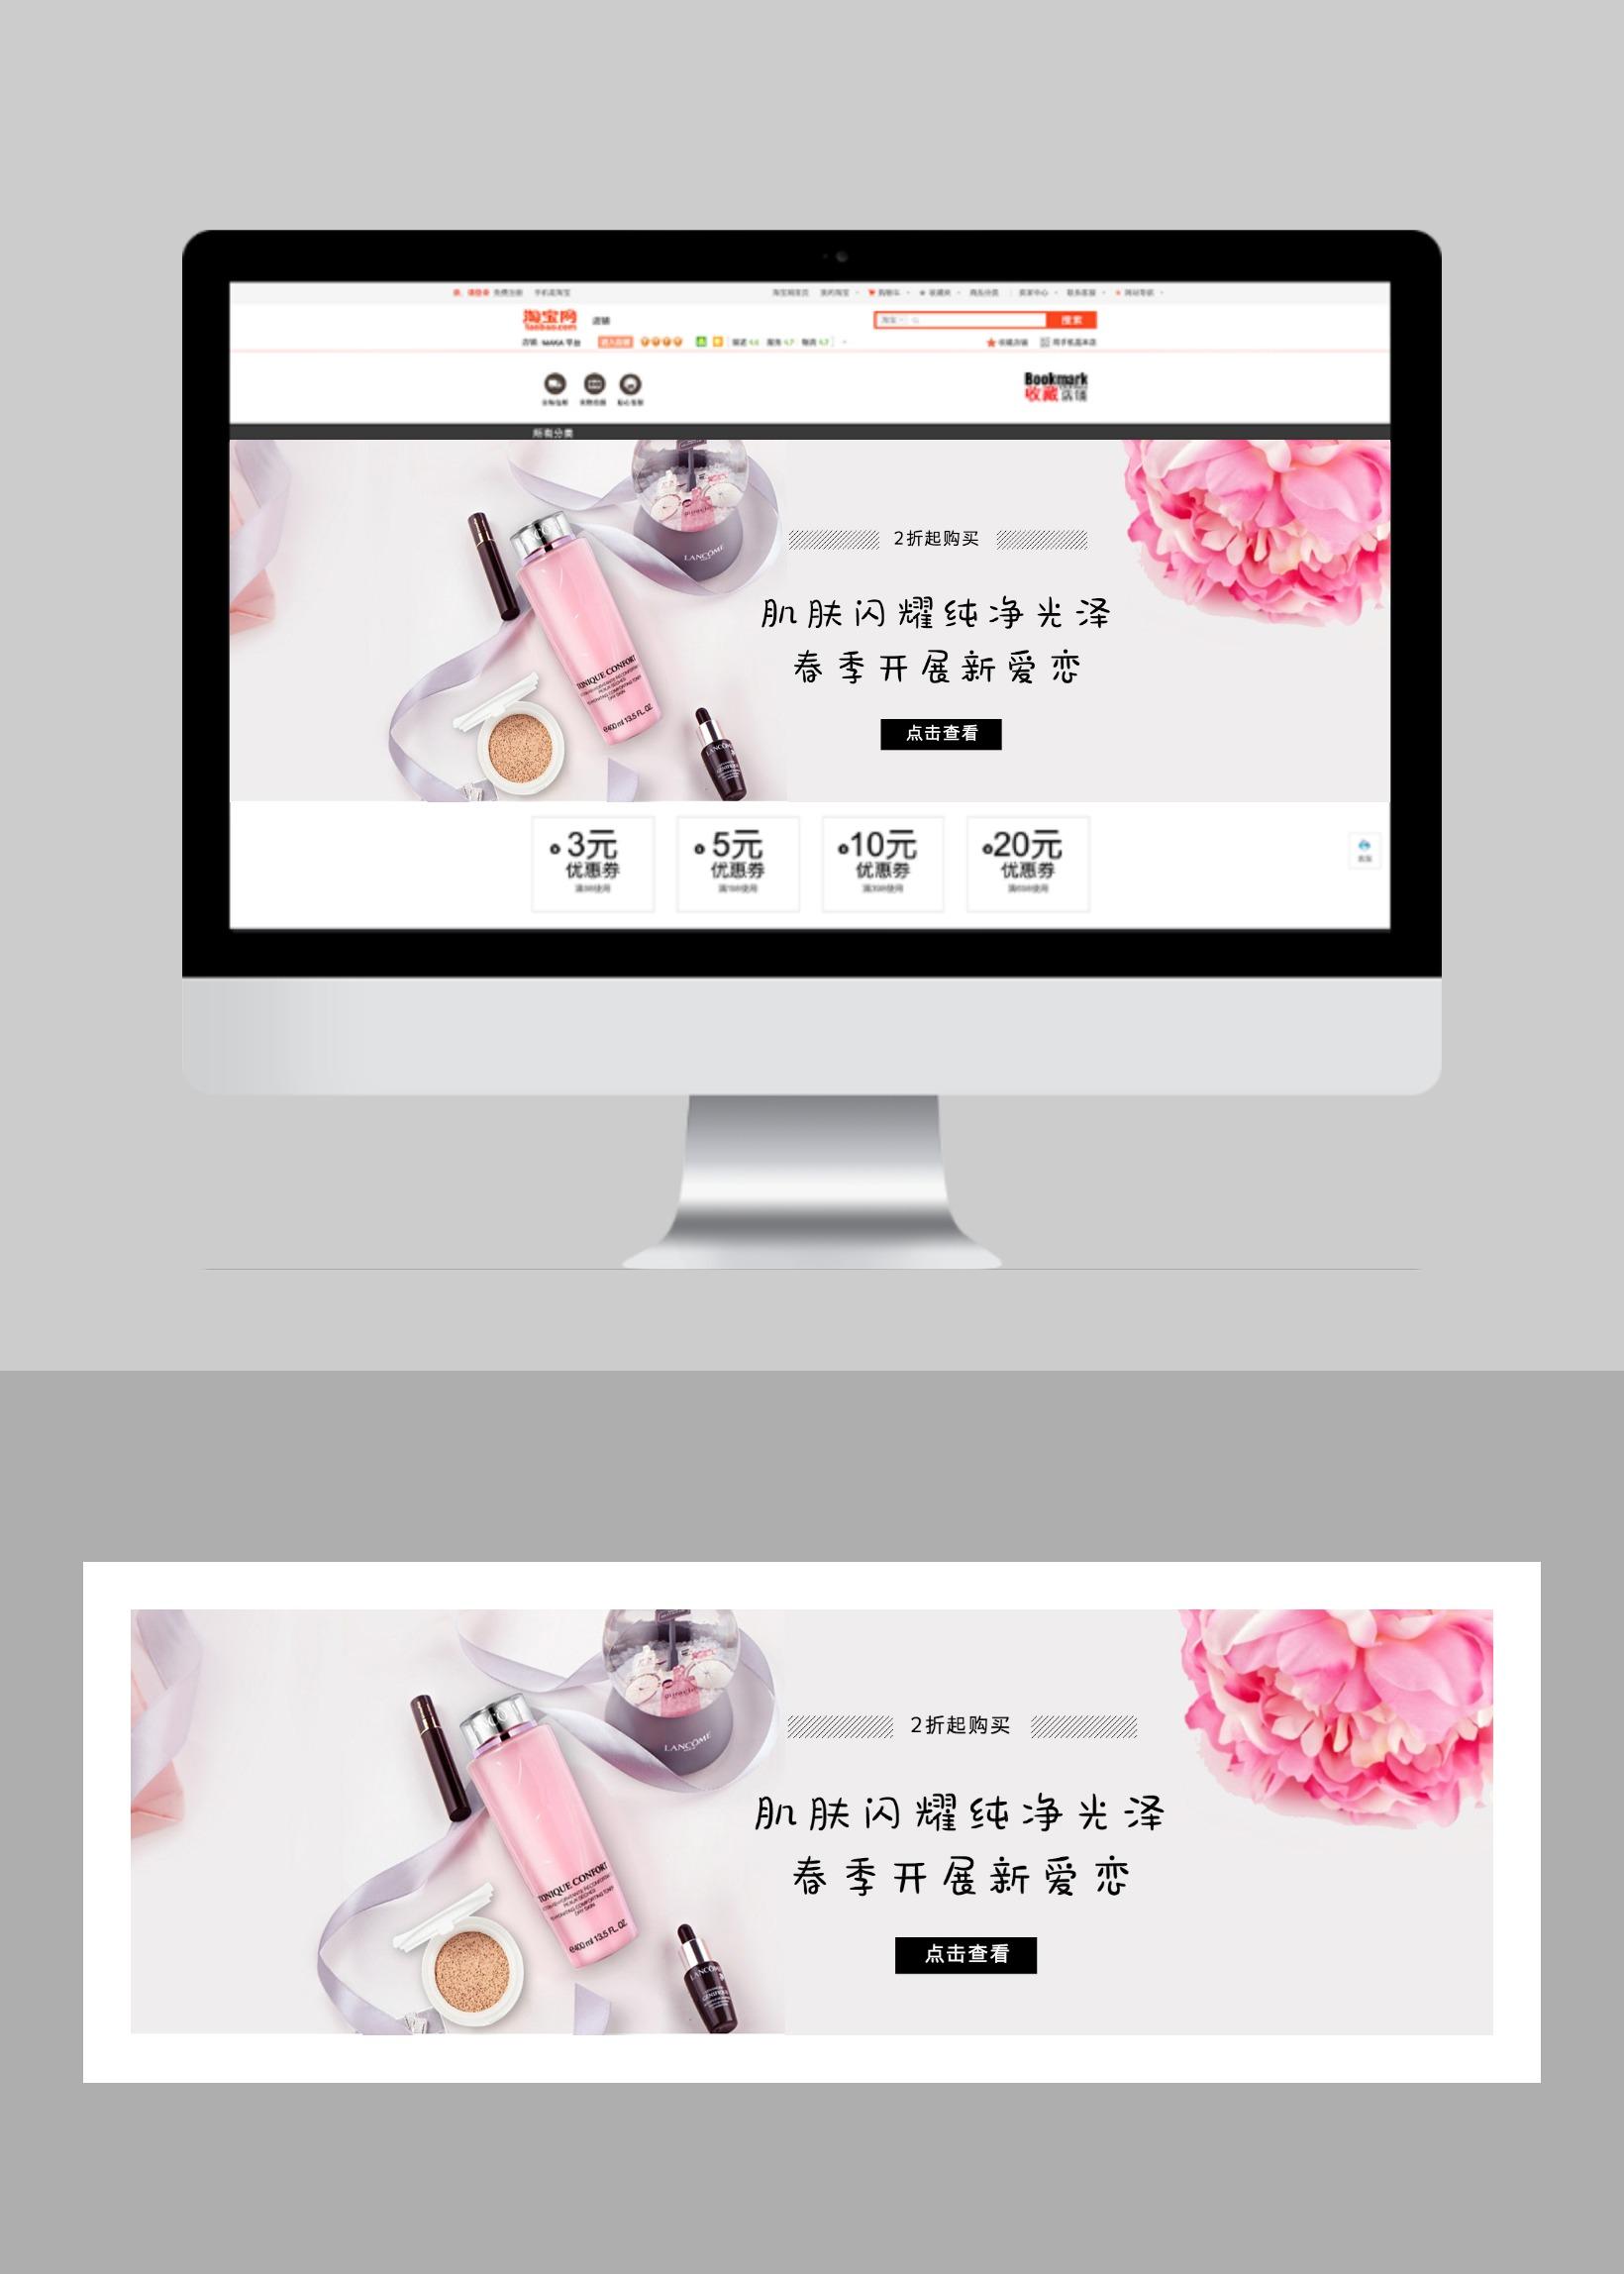 唯美浪漫化妆品护肤品产品促销宣电商banner